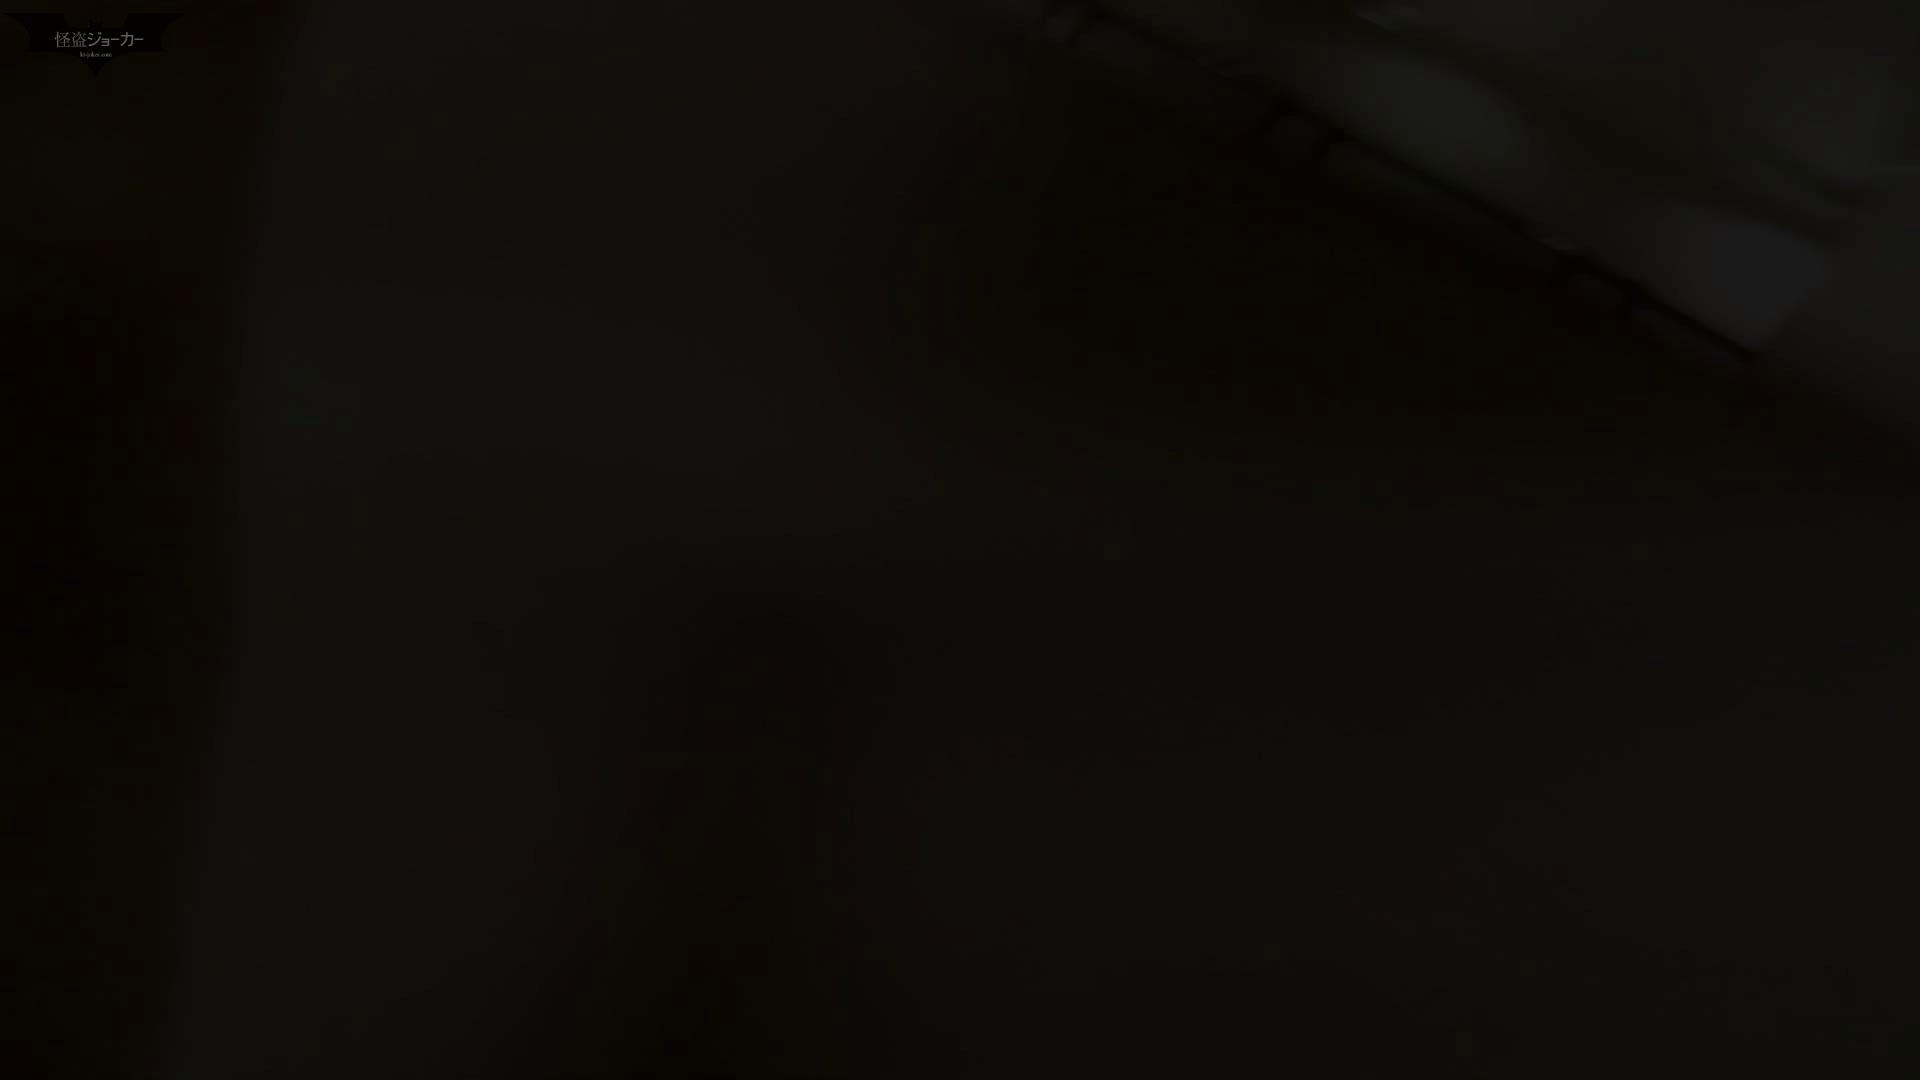 新世界の射窓 No62驚愕!!とんでもないものが出ている 丸見えマンコ | 高画質  113画像 48